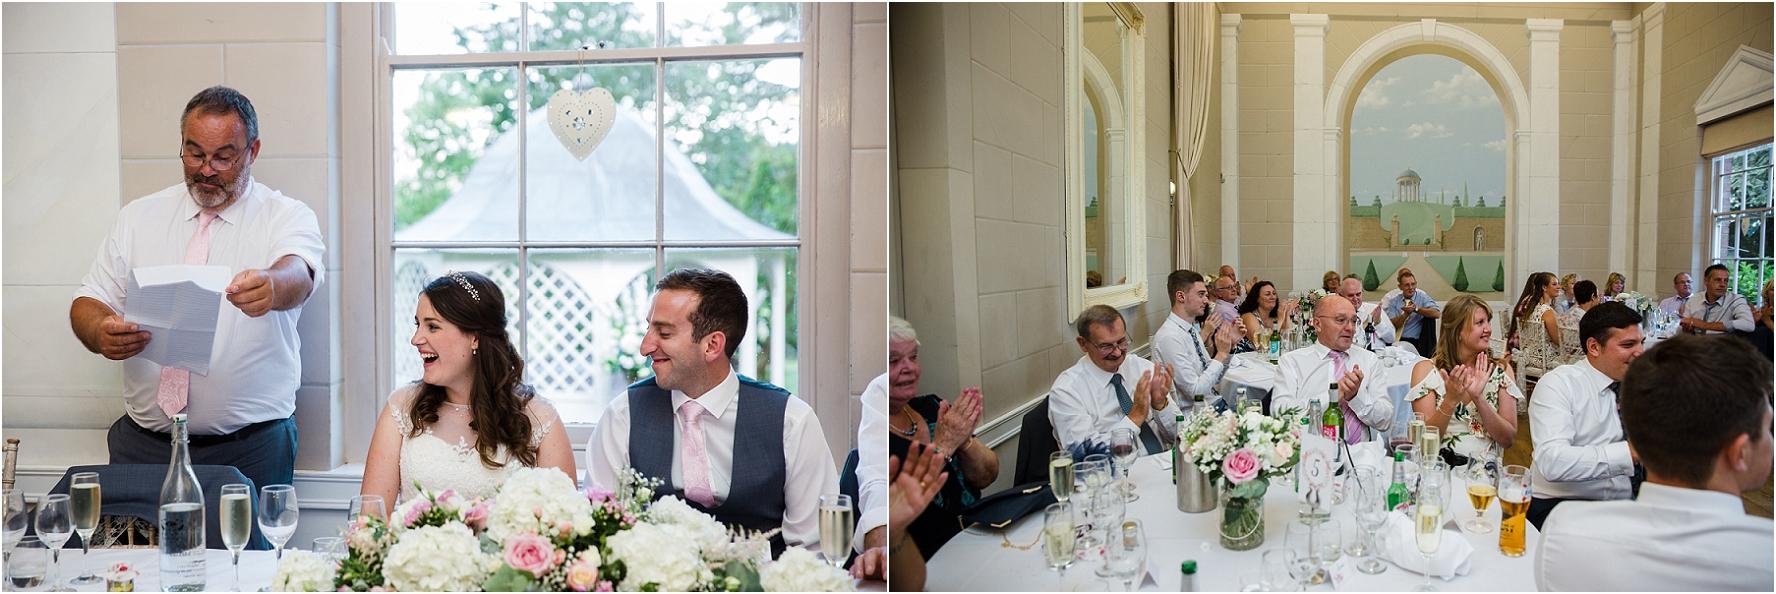 wedding-photography-norwood-park_0078